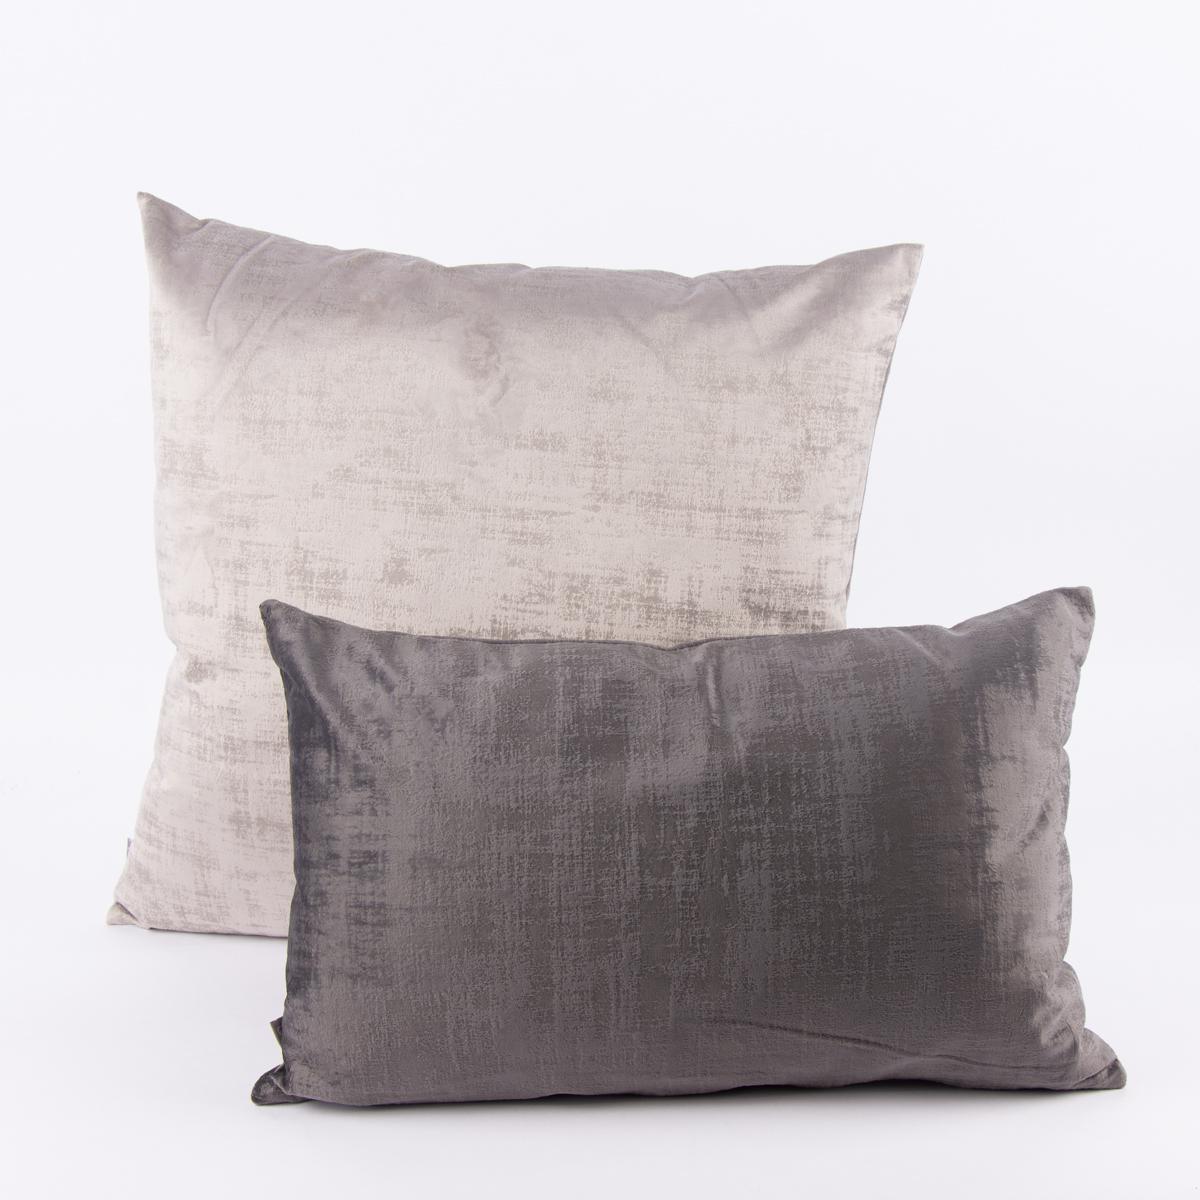 kissen vintageoptik velours sand 50x50cm inspirationen trendwelten kuschelzeit. Black Bedroom Furniture Sets. Home Design Ideas